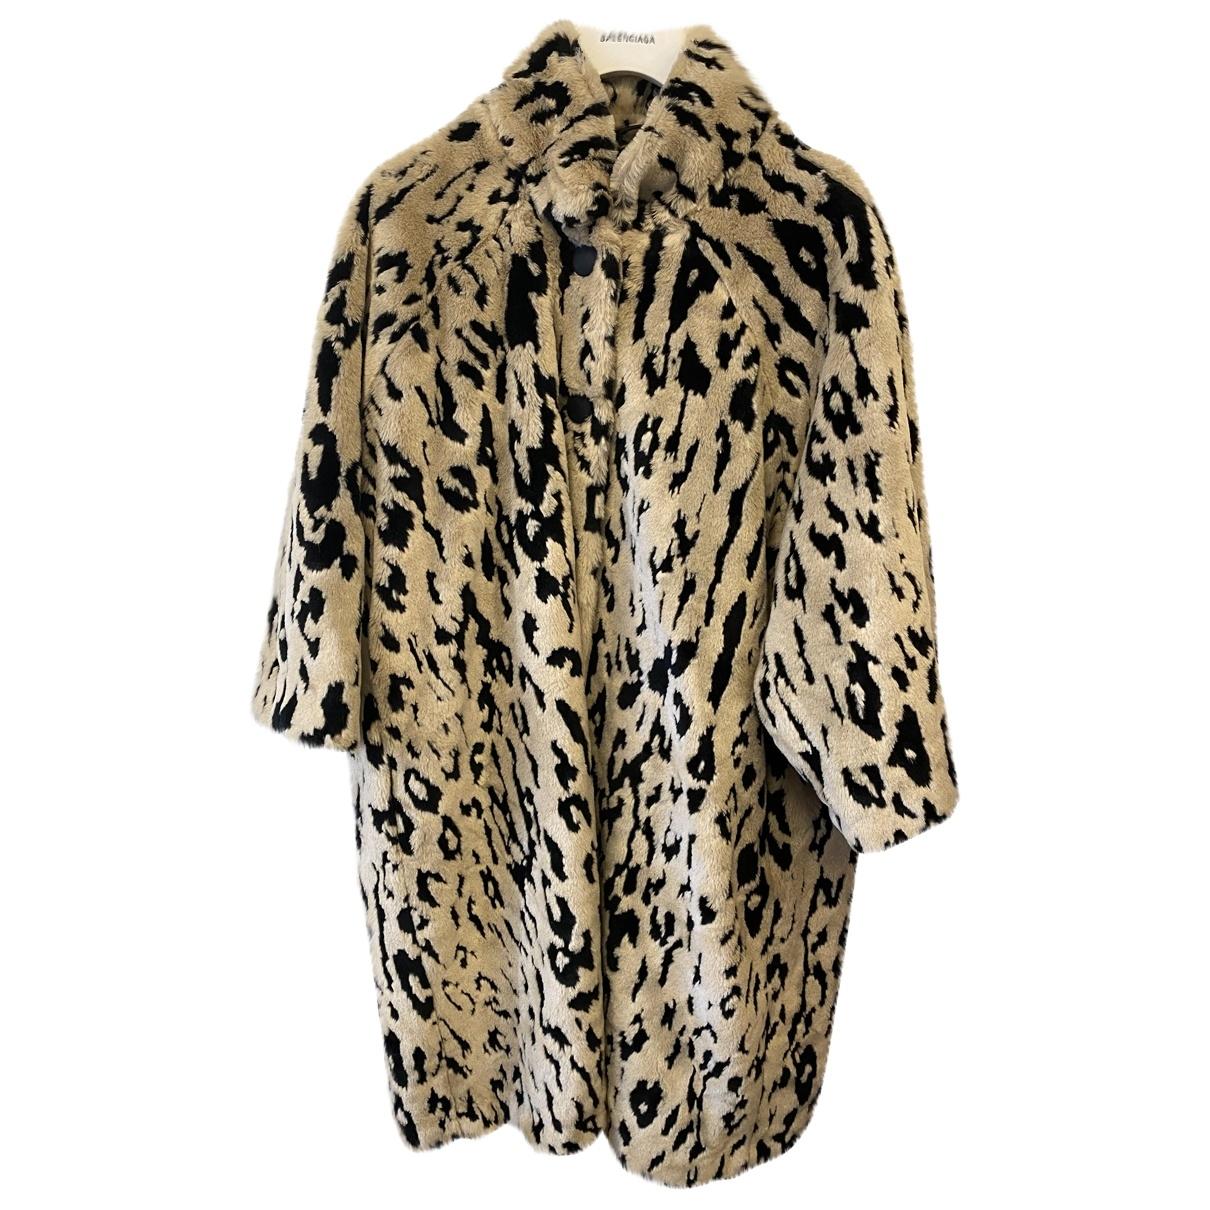 Balenciaga - Manteau   pour femme en fourrure synthetique - beige